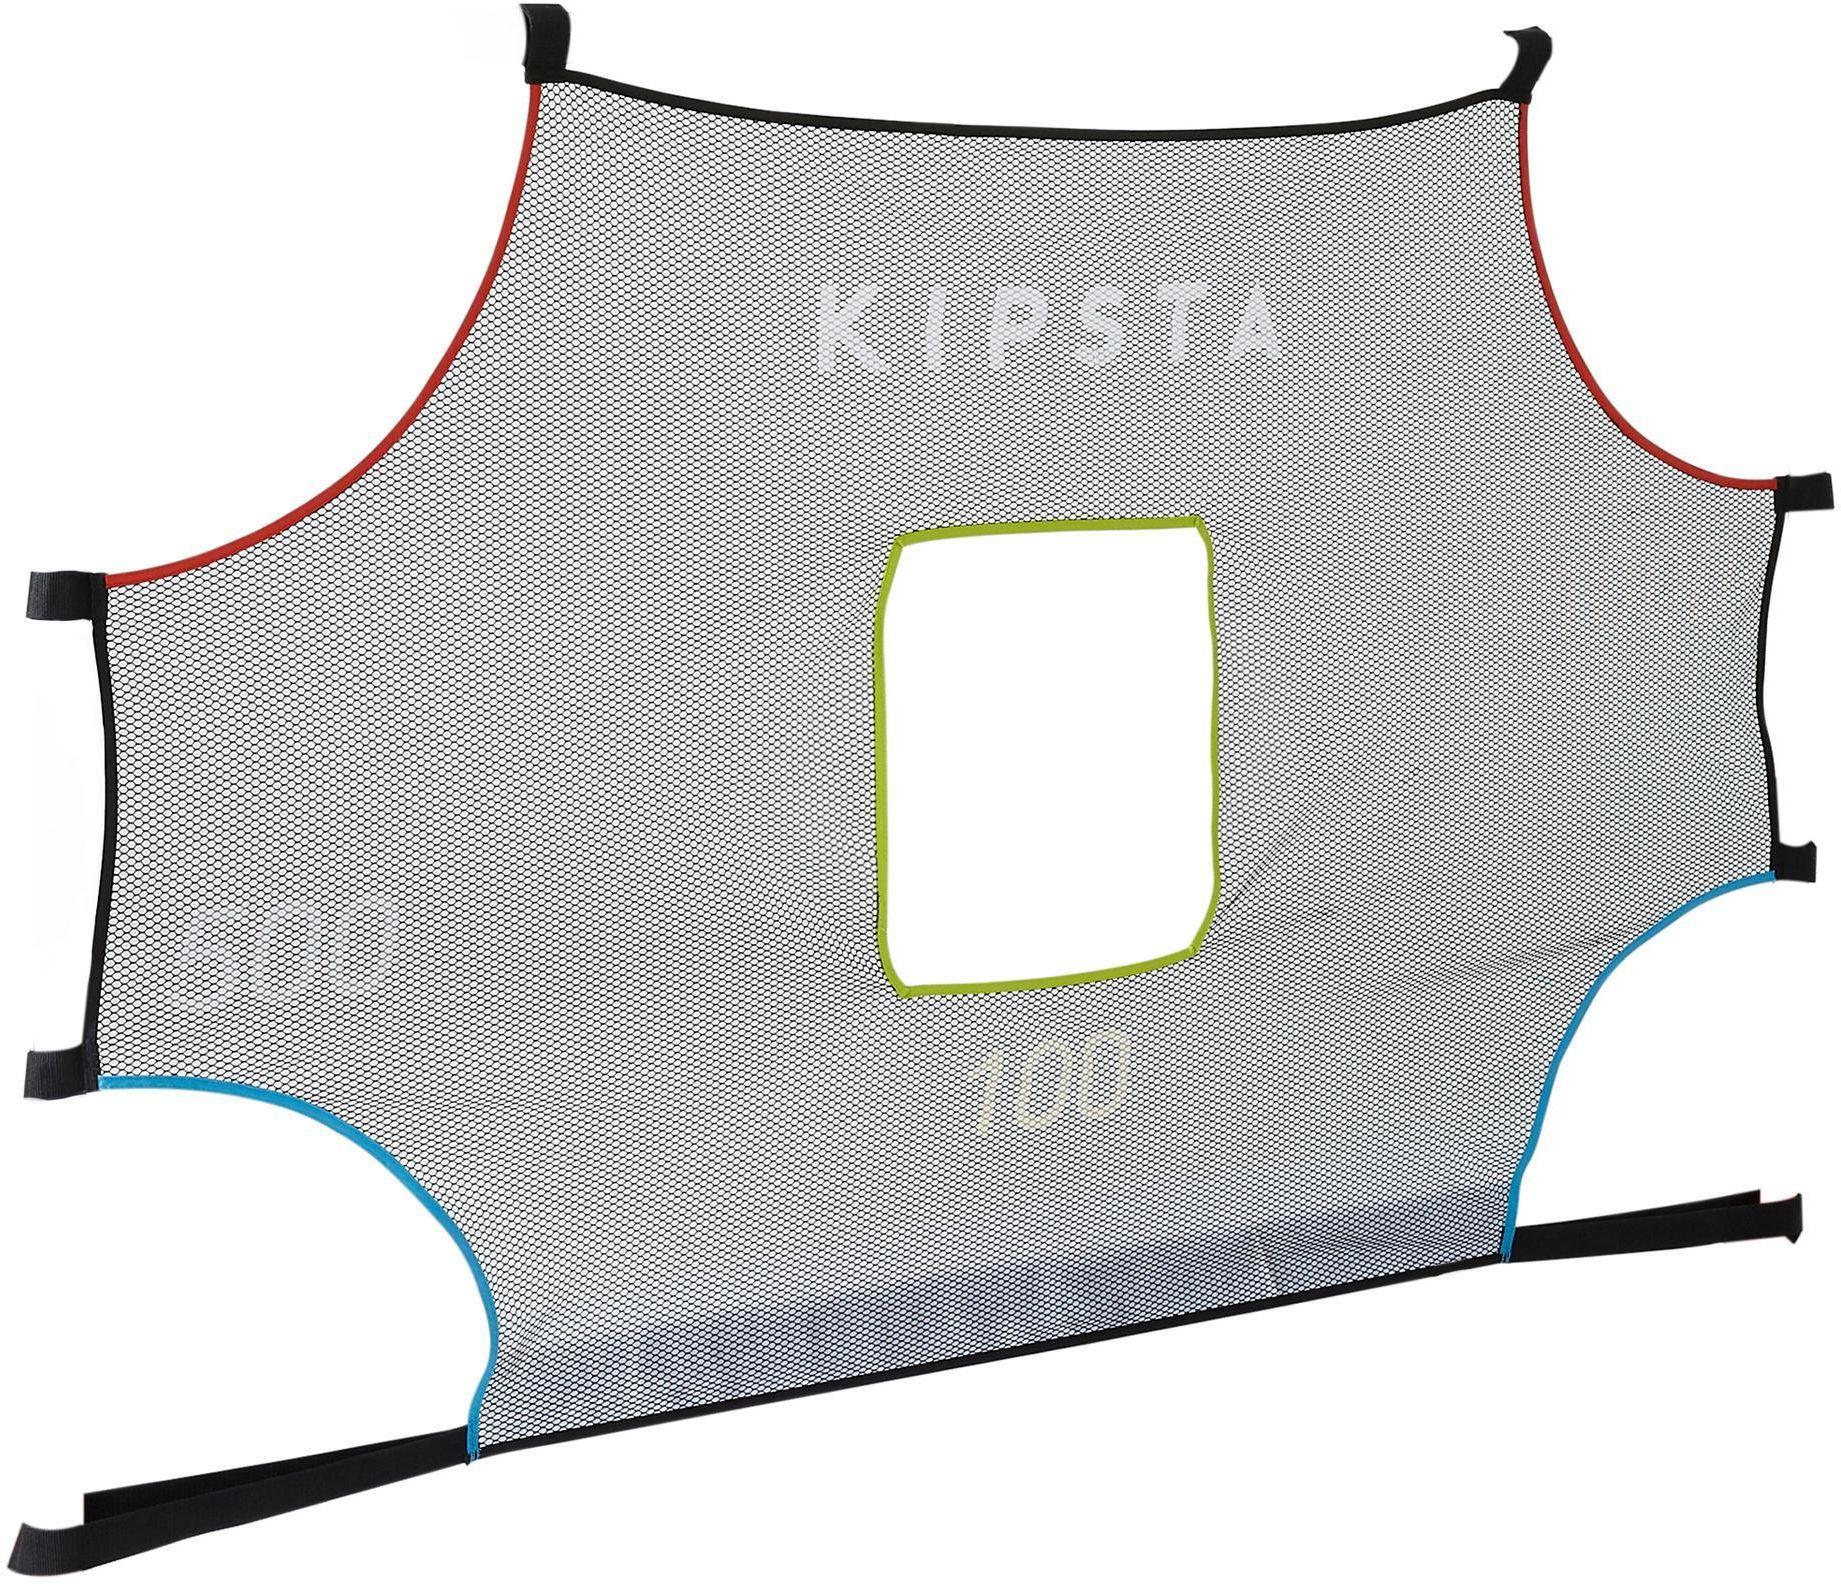 Plandeka treningowa Kipsta do bramki piłkarskiej SG 500 rozmiar M 1,8m x 1,20m